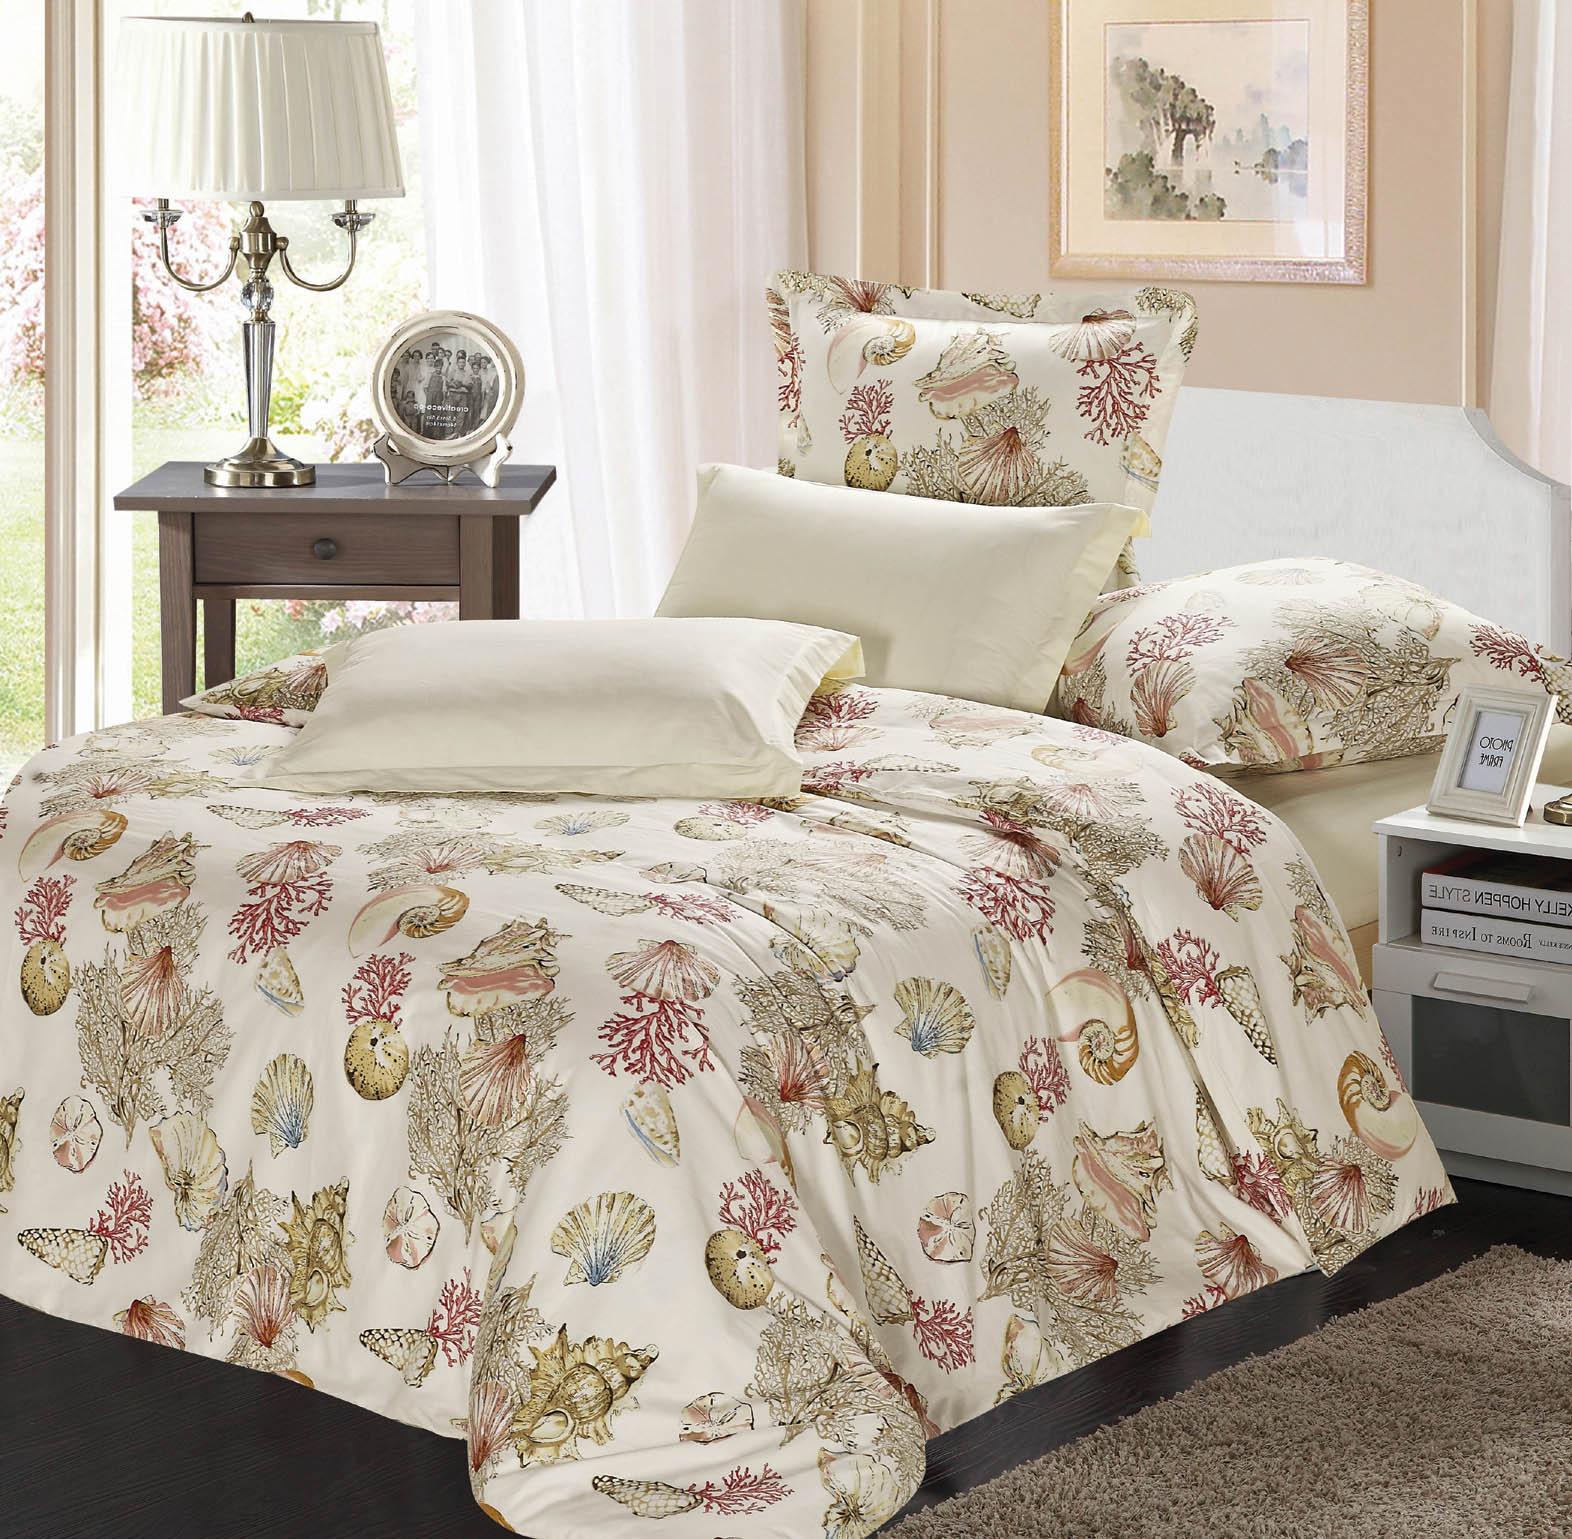 Комплекты постельного белья СайлиД Постельное белье Thalia B-156 (2 сп. евро) постельное белье сайлид евро d 156